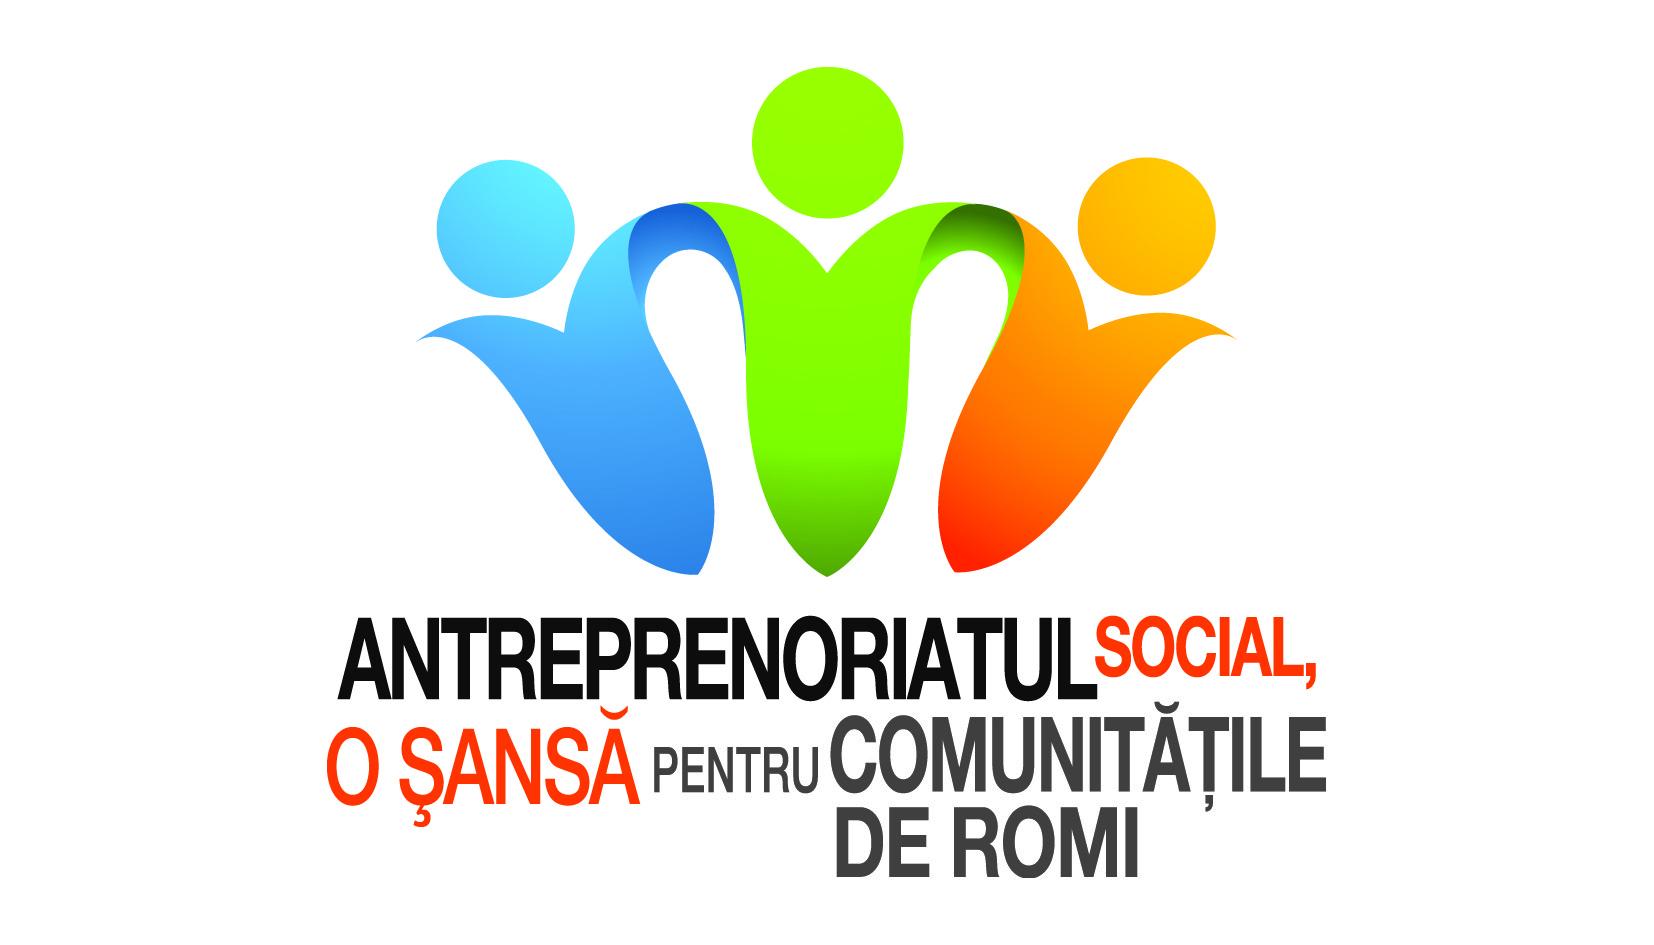 Antreprenoriat Social